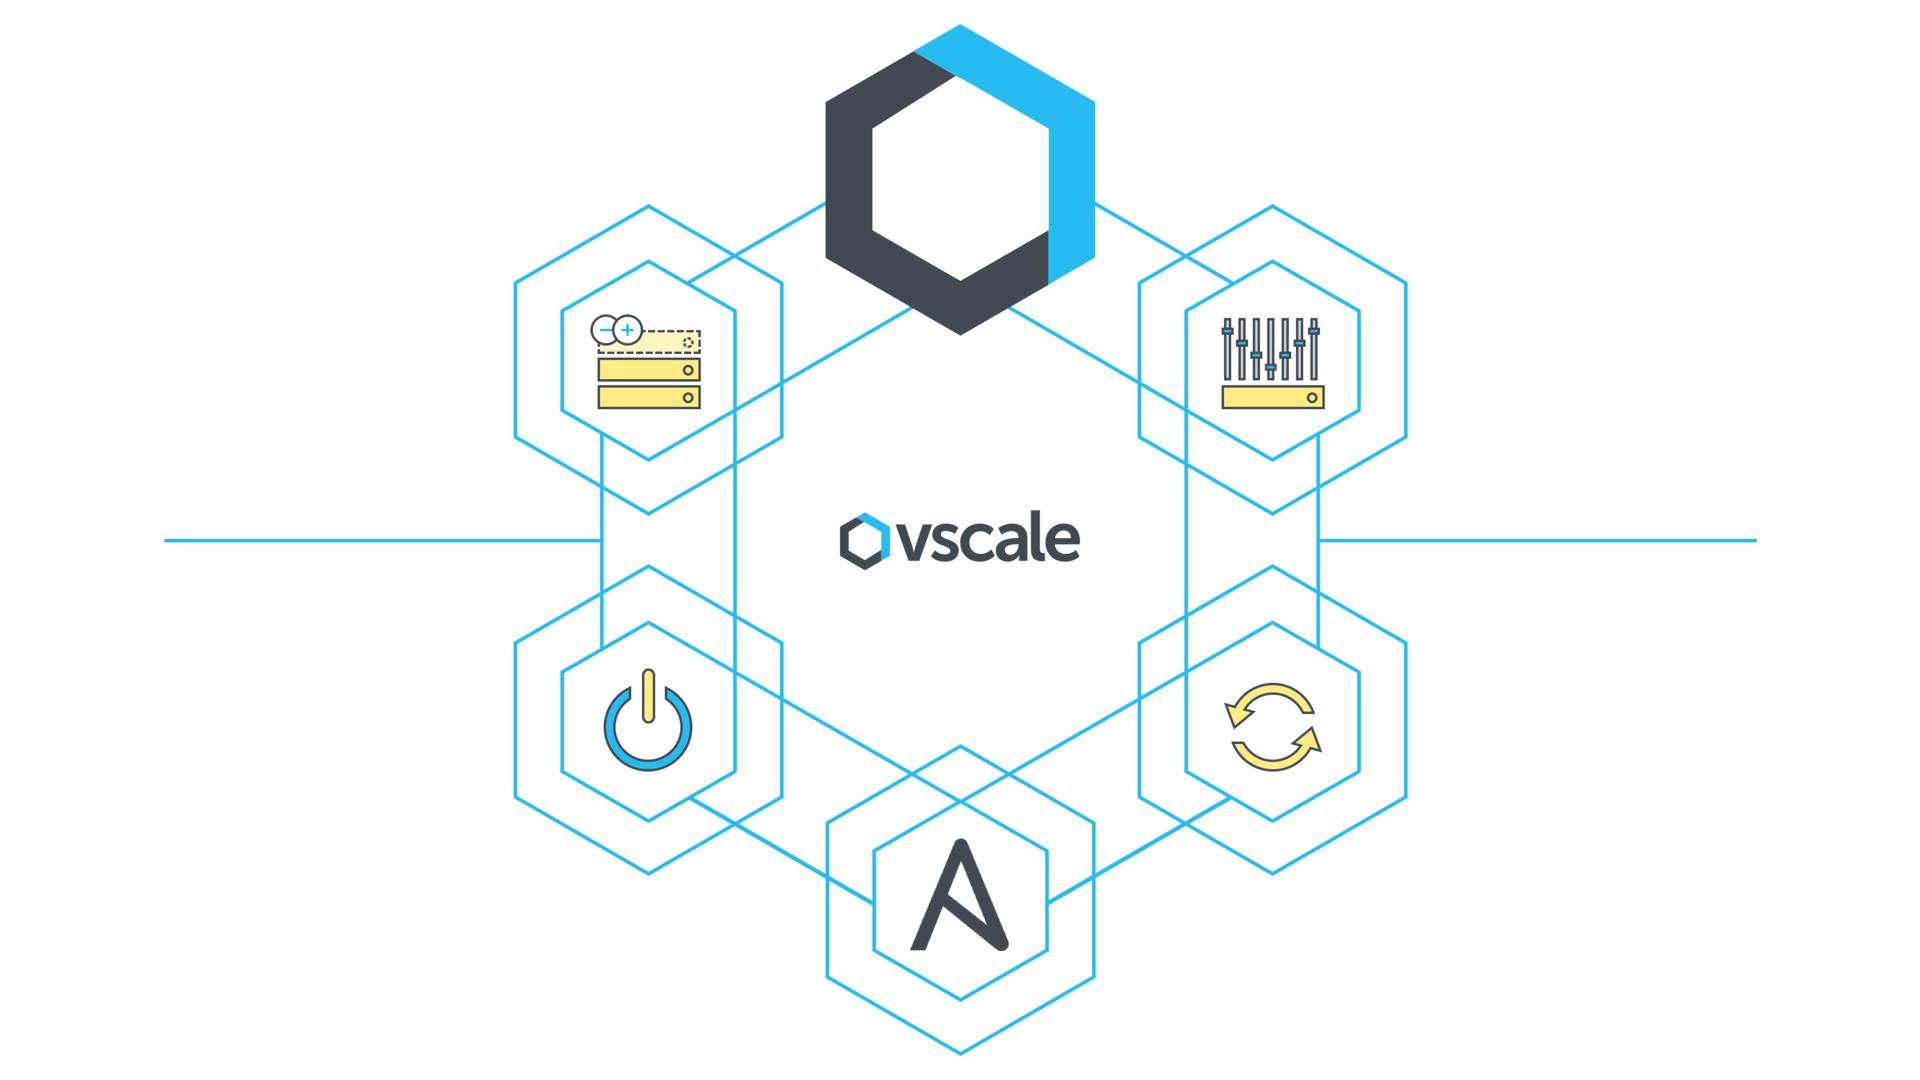 Управление серверами Vscale через Ansible